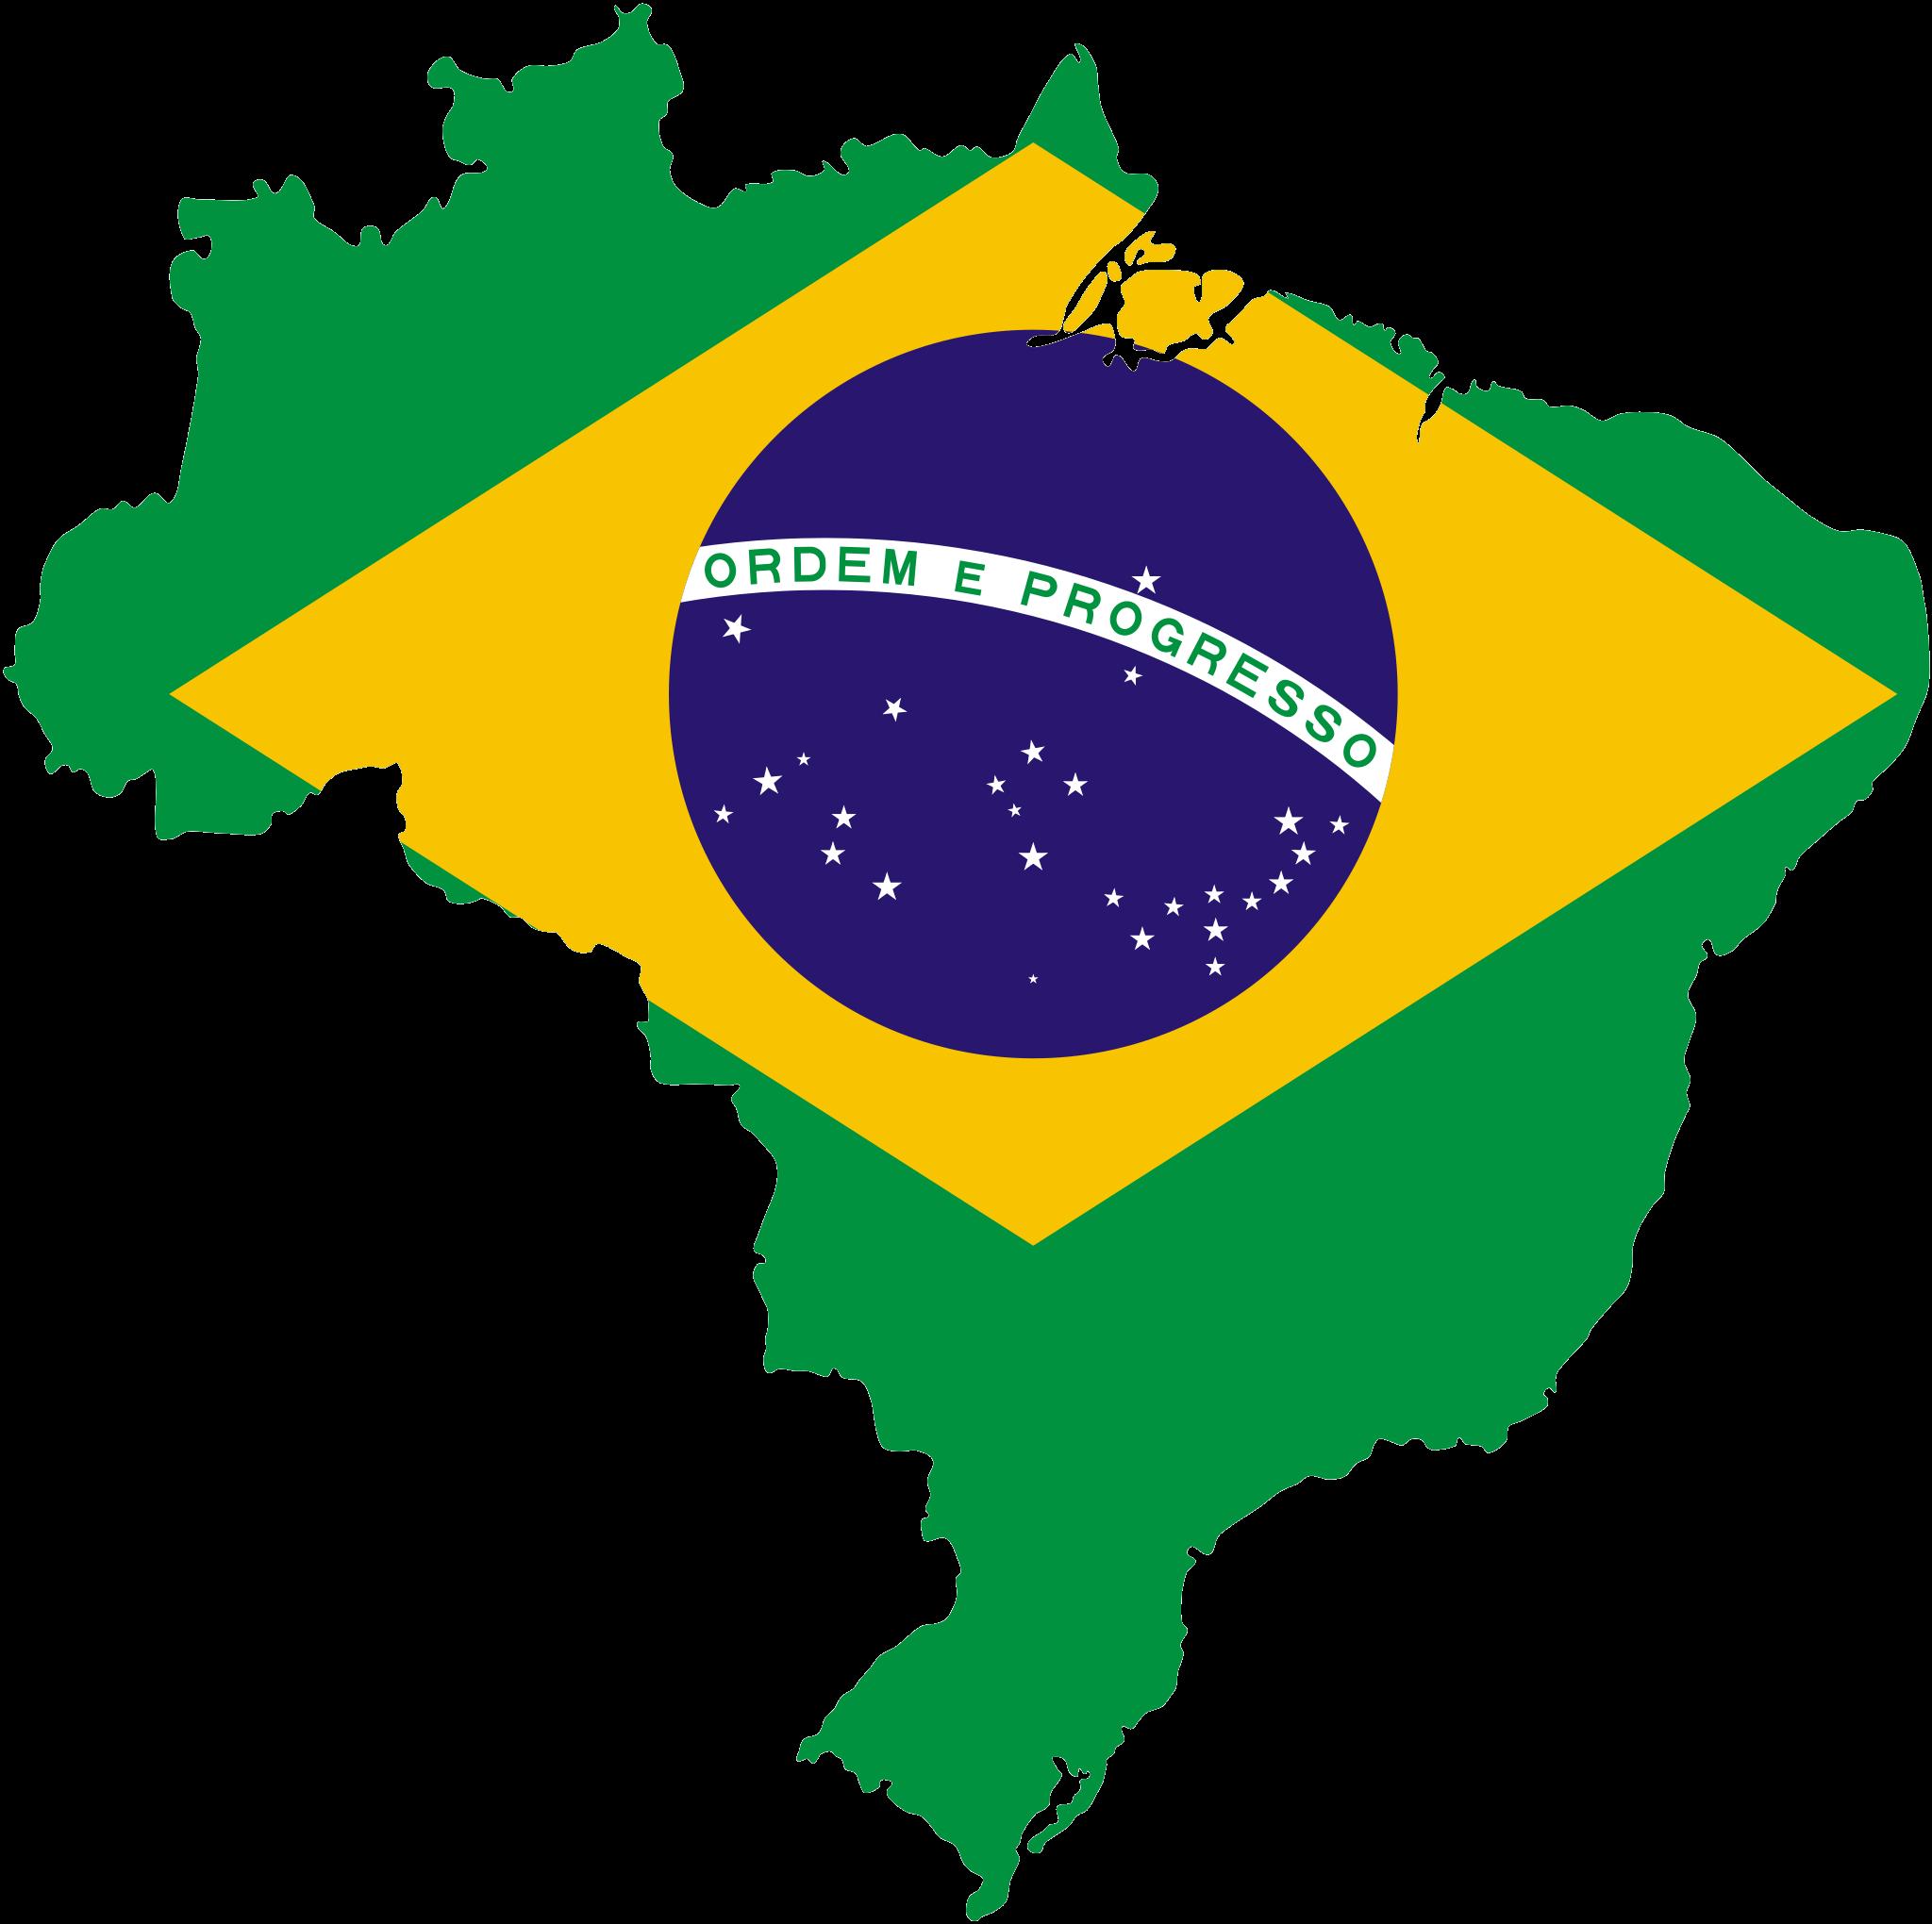 brazil_flag_map